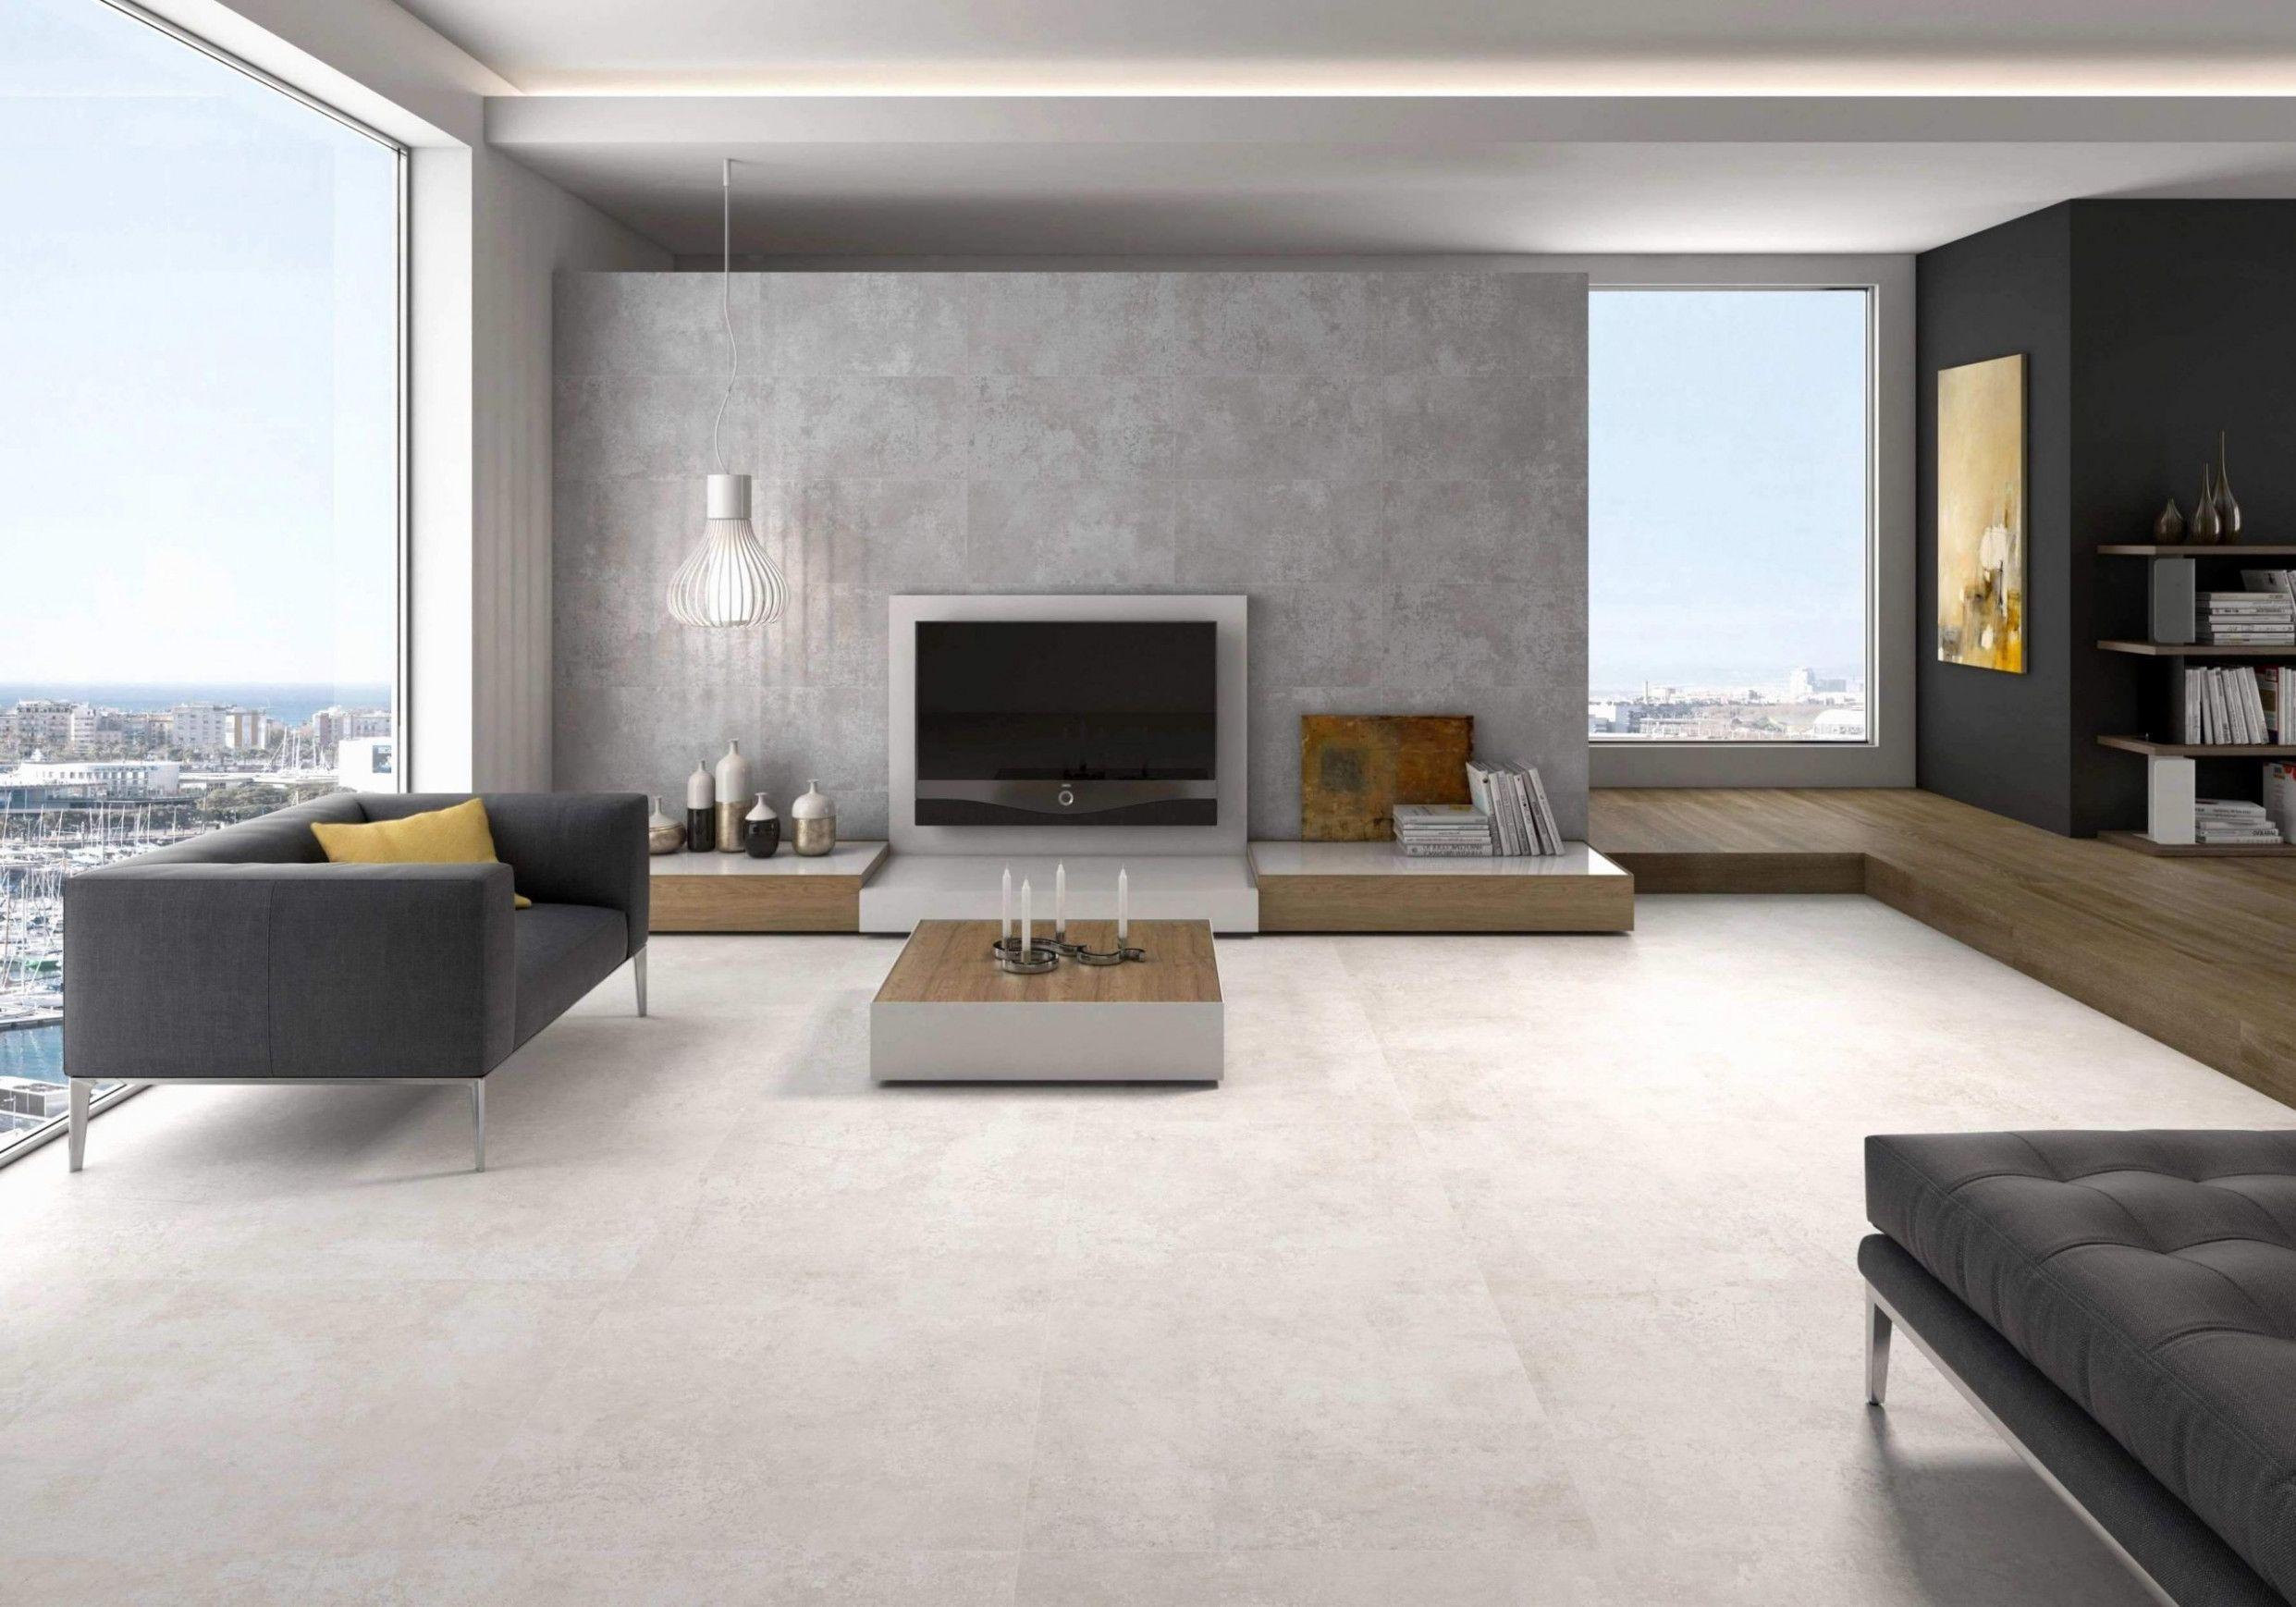 8 Wohnzimmer Fliesen Grau di 8